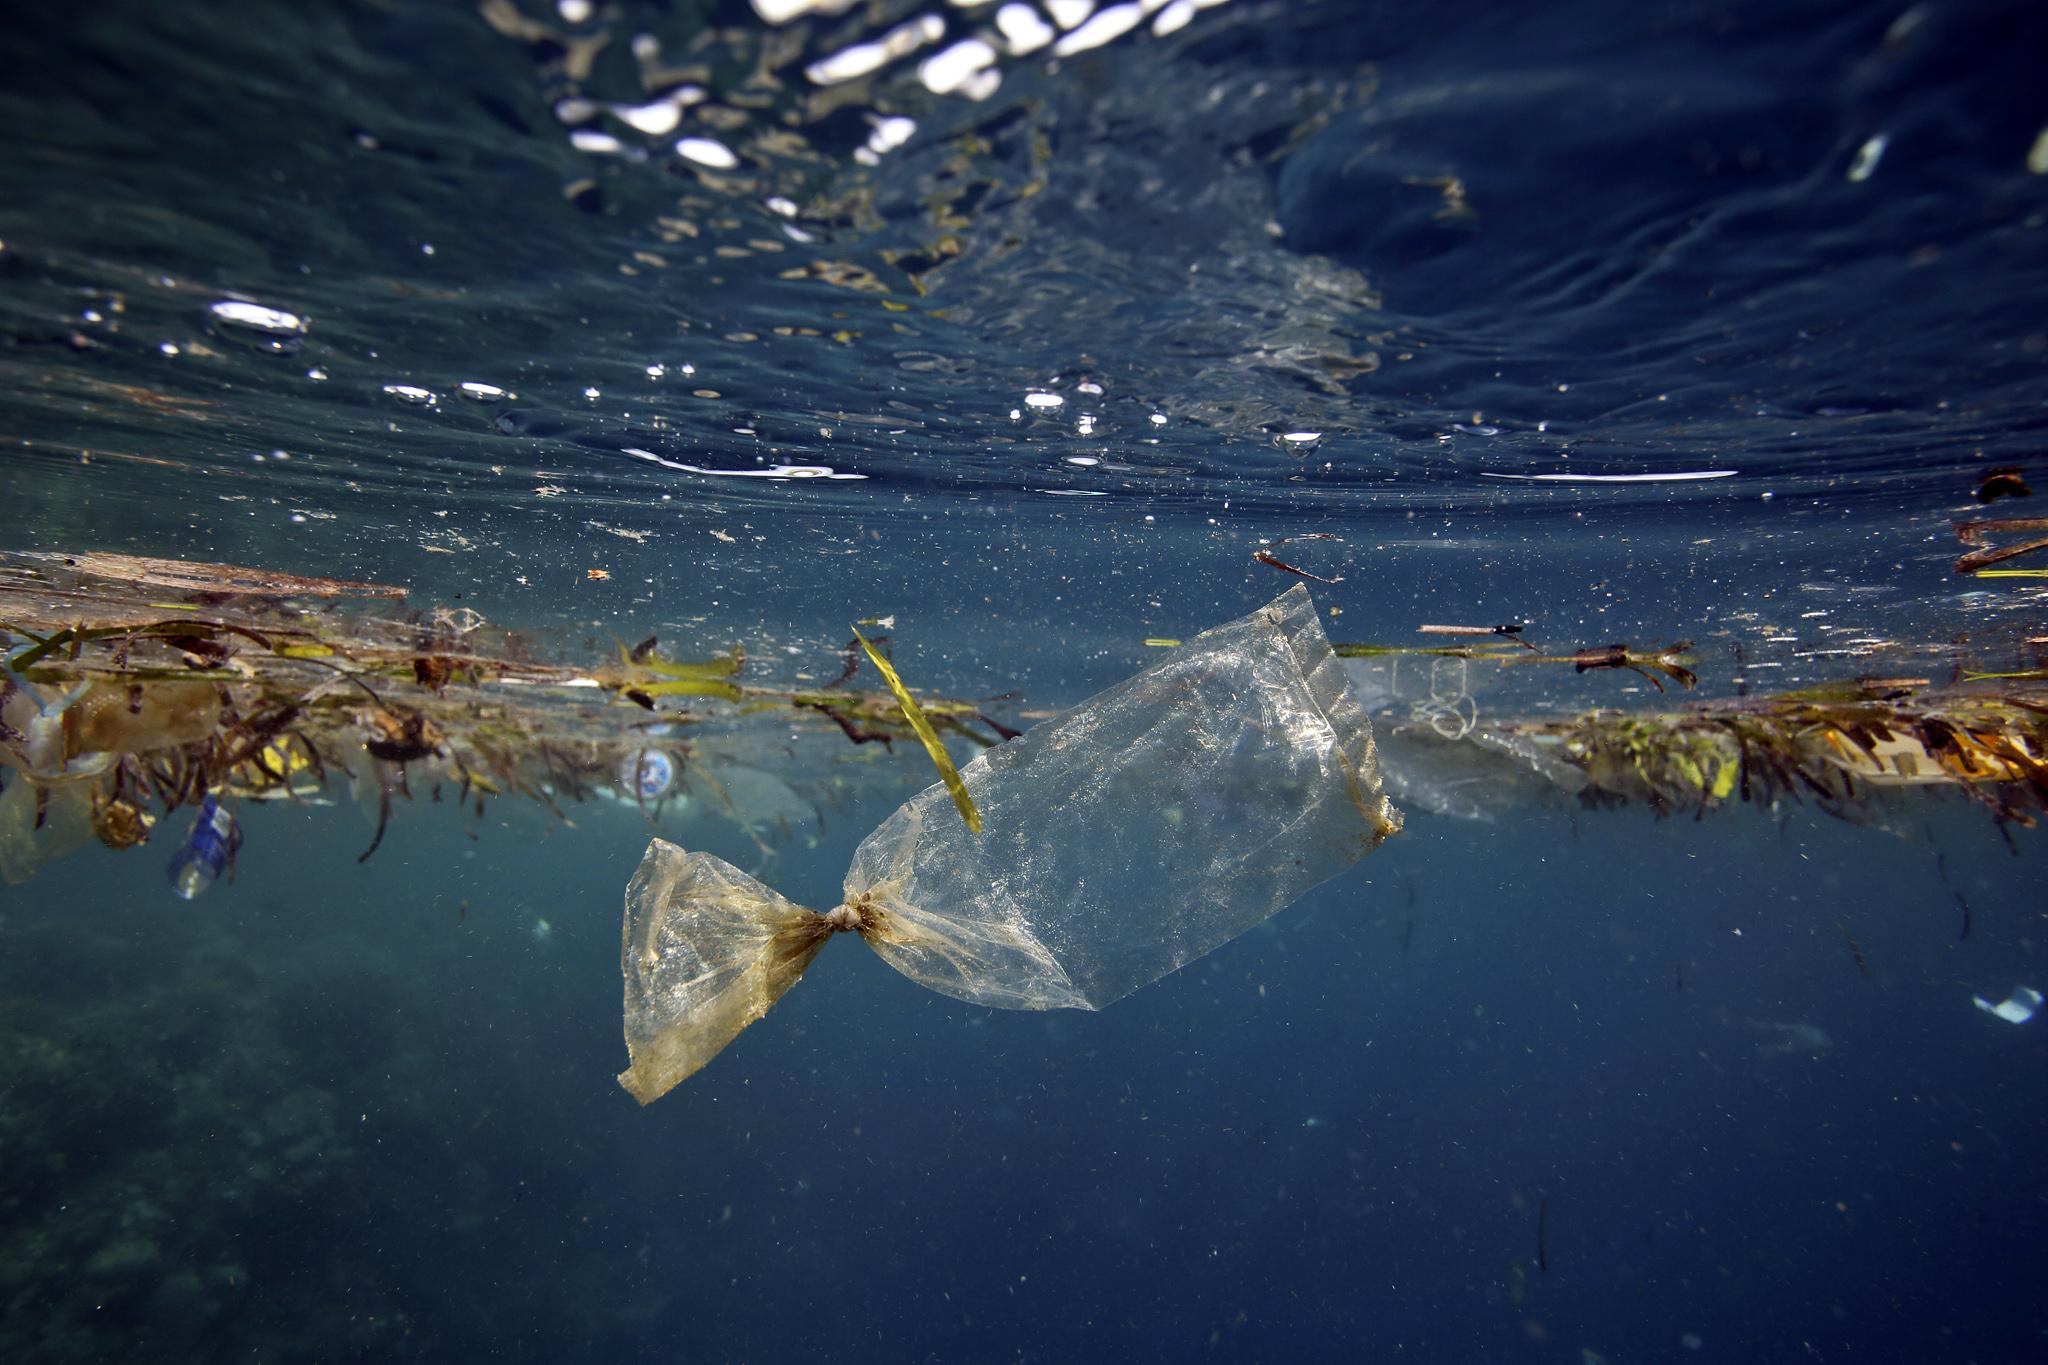 Plastic bag floating underwater at Pulau Bunaken